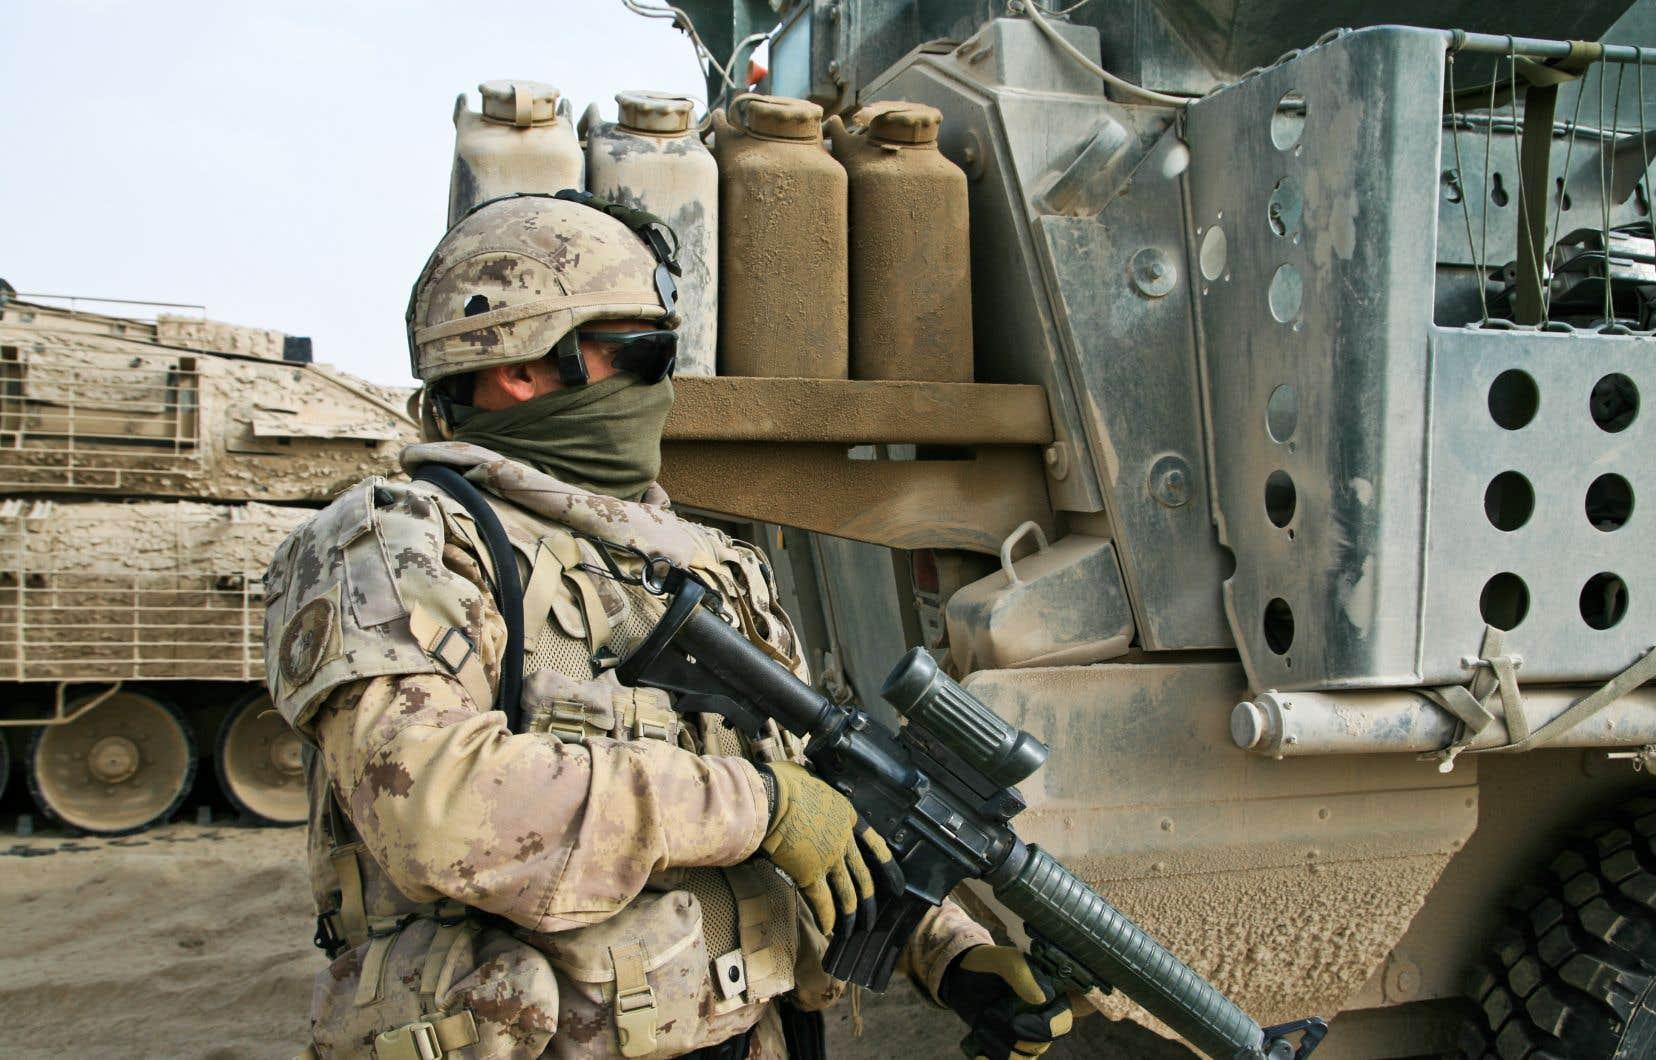 Quelque 40000 soldats canadiens ont été déployés en Afghanistan pendant 13ans dans le cadre de la mission de l'OTAN avant de se retirer en 2014.